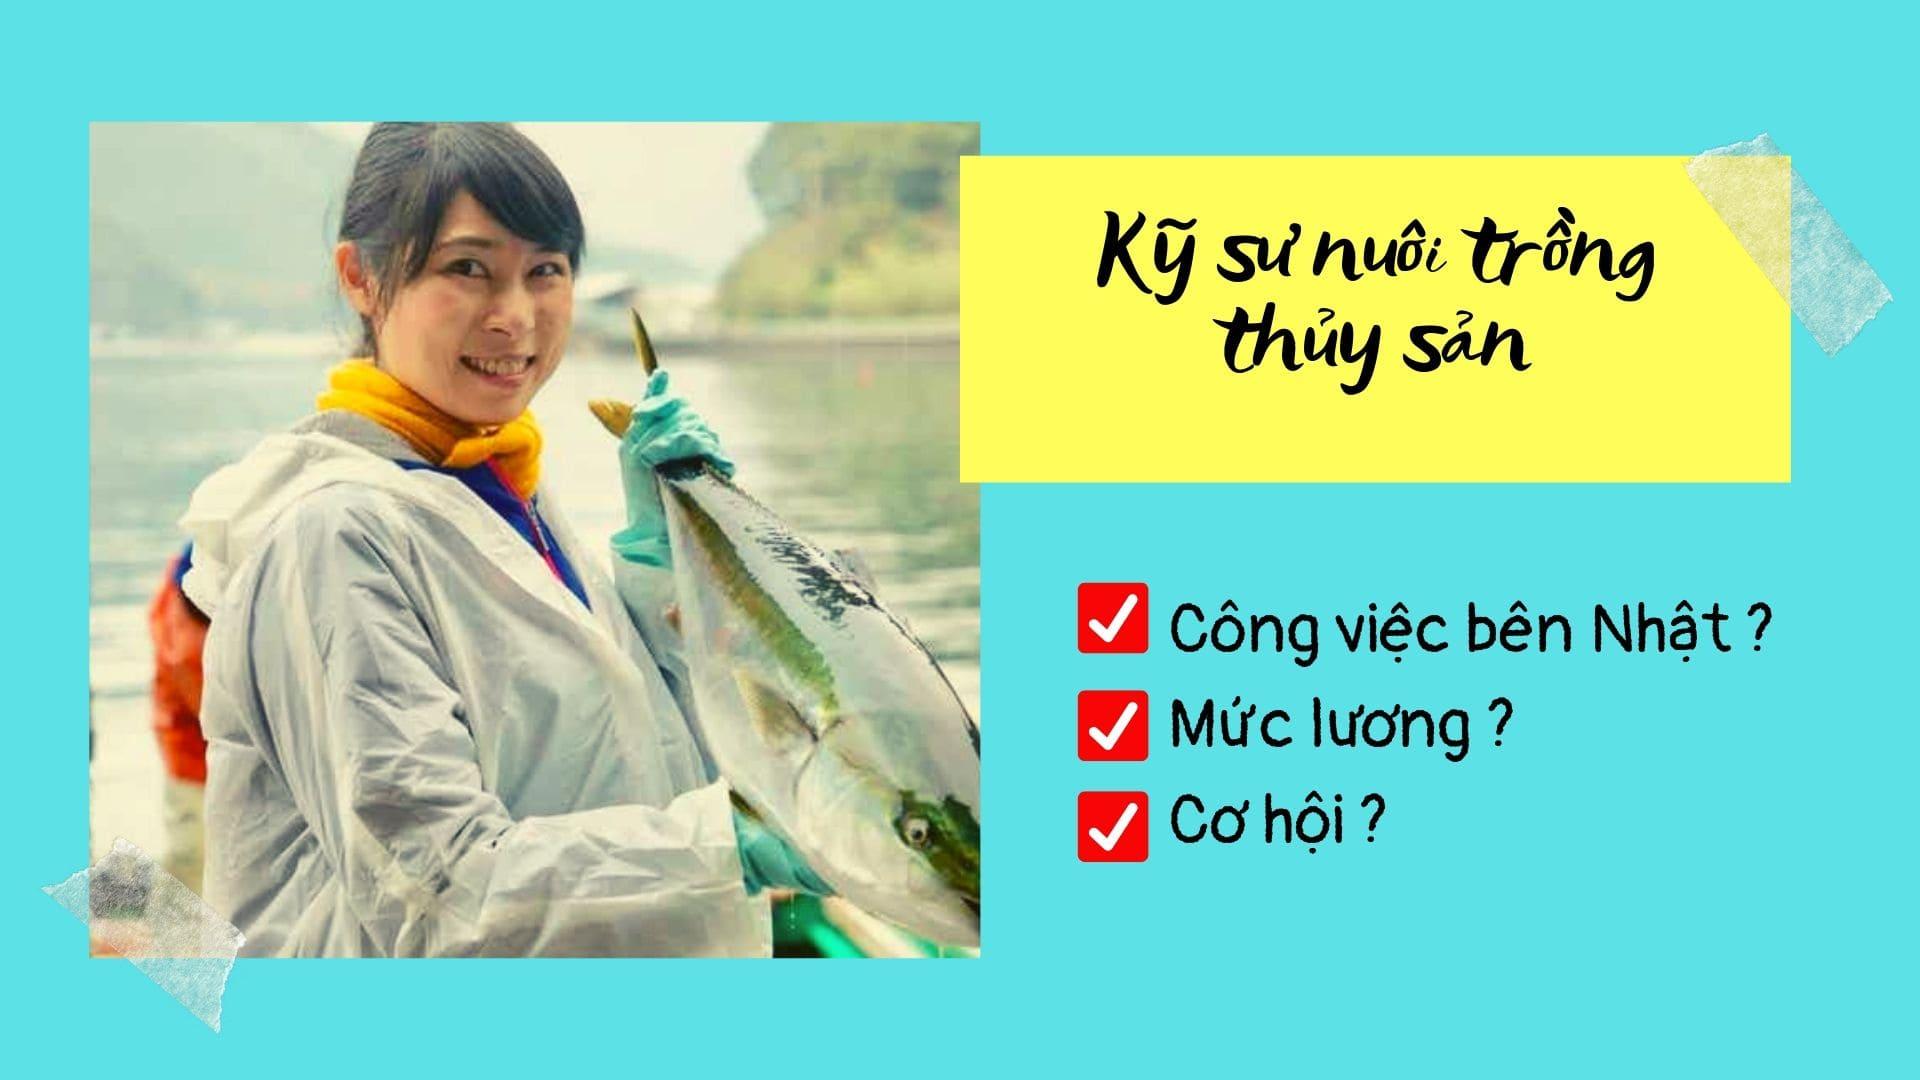 5 điều cần biết về đơn hàng kỹ sư nuôi trồng thủy sản đi Nhật